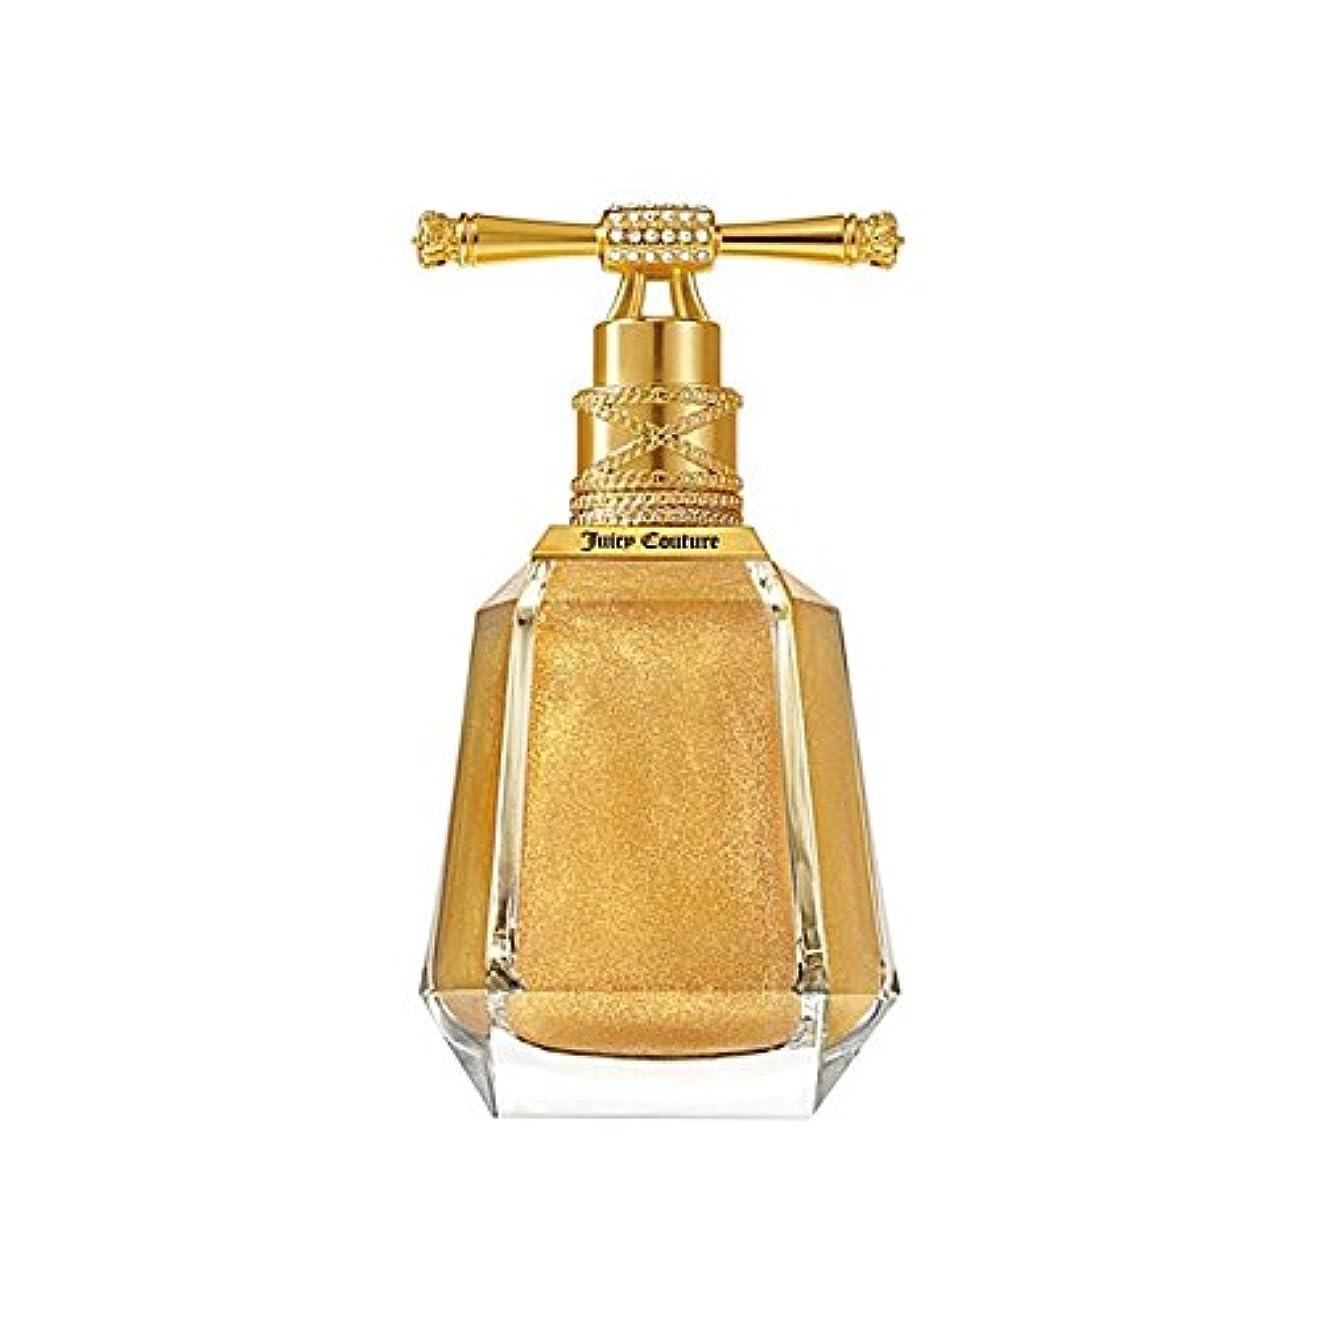 平方早める機構Juicy Couture Dry Oil Shimmer Mist 100ml (Pack of 6) - ジューシークチュールドライオイルきらめきミスト100ミリリットル x6 [並行輸入品]